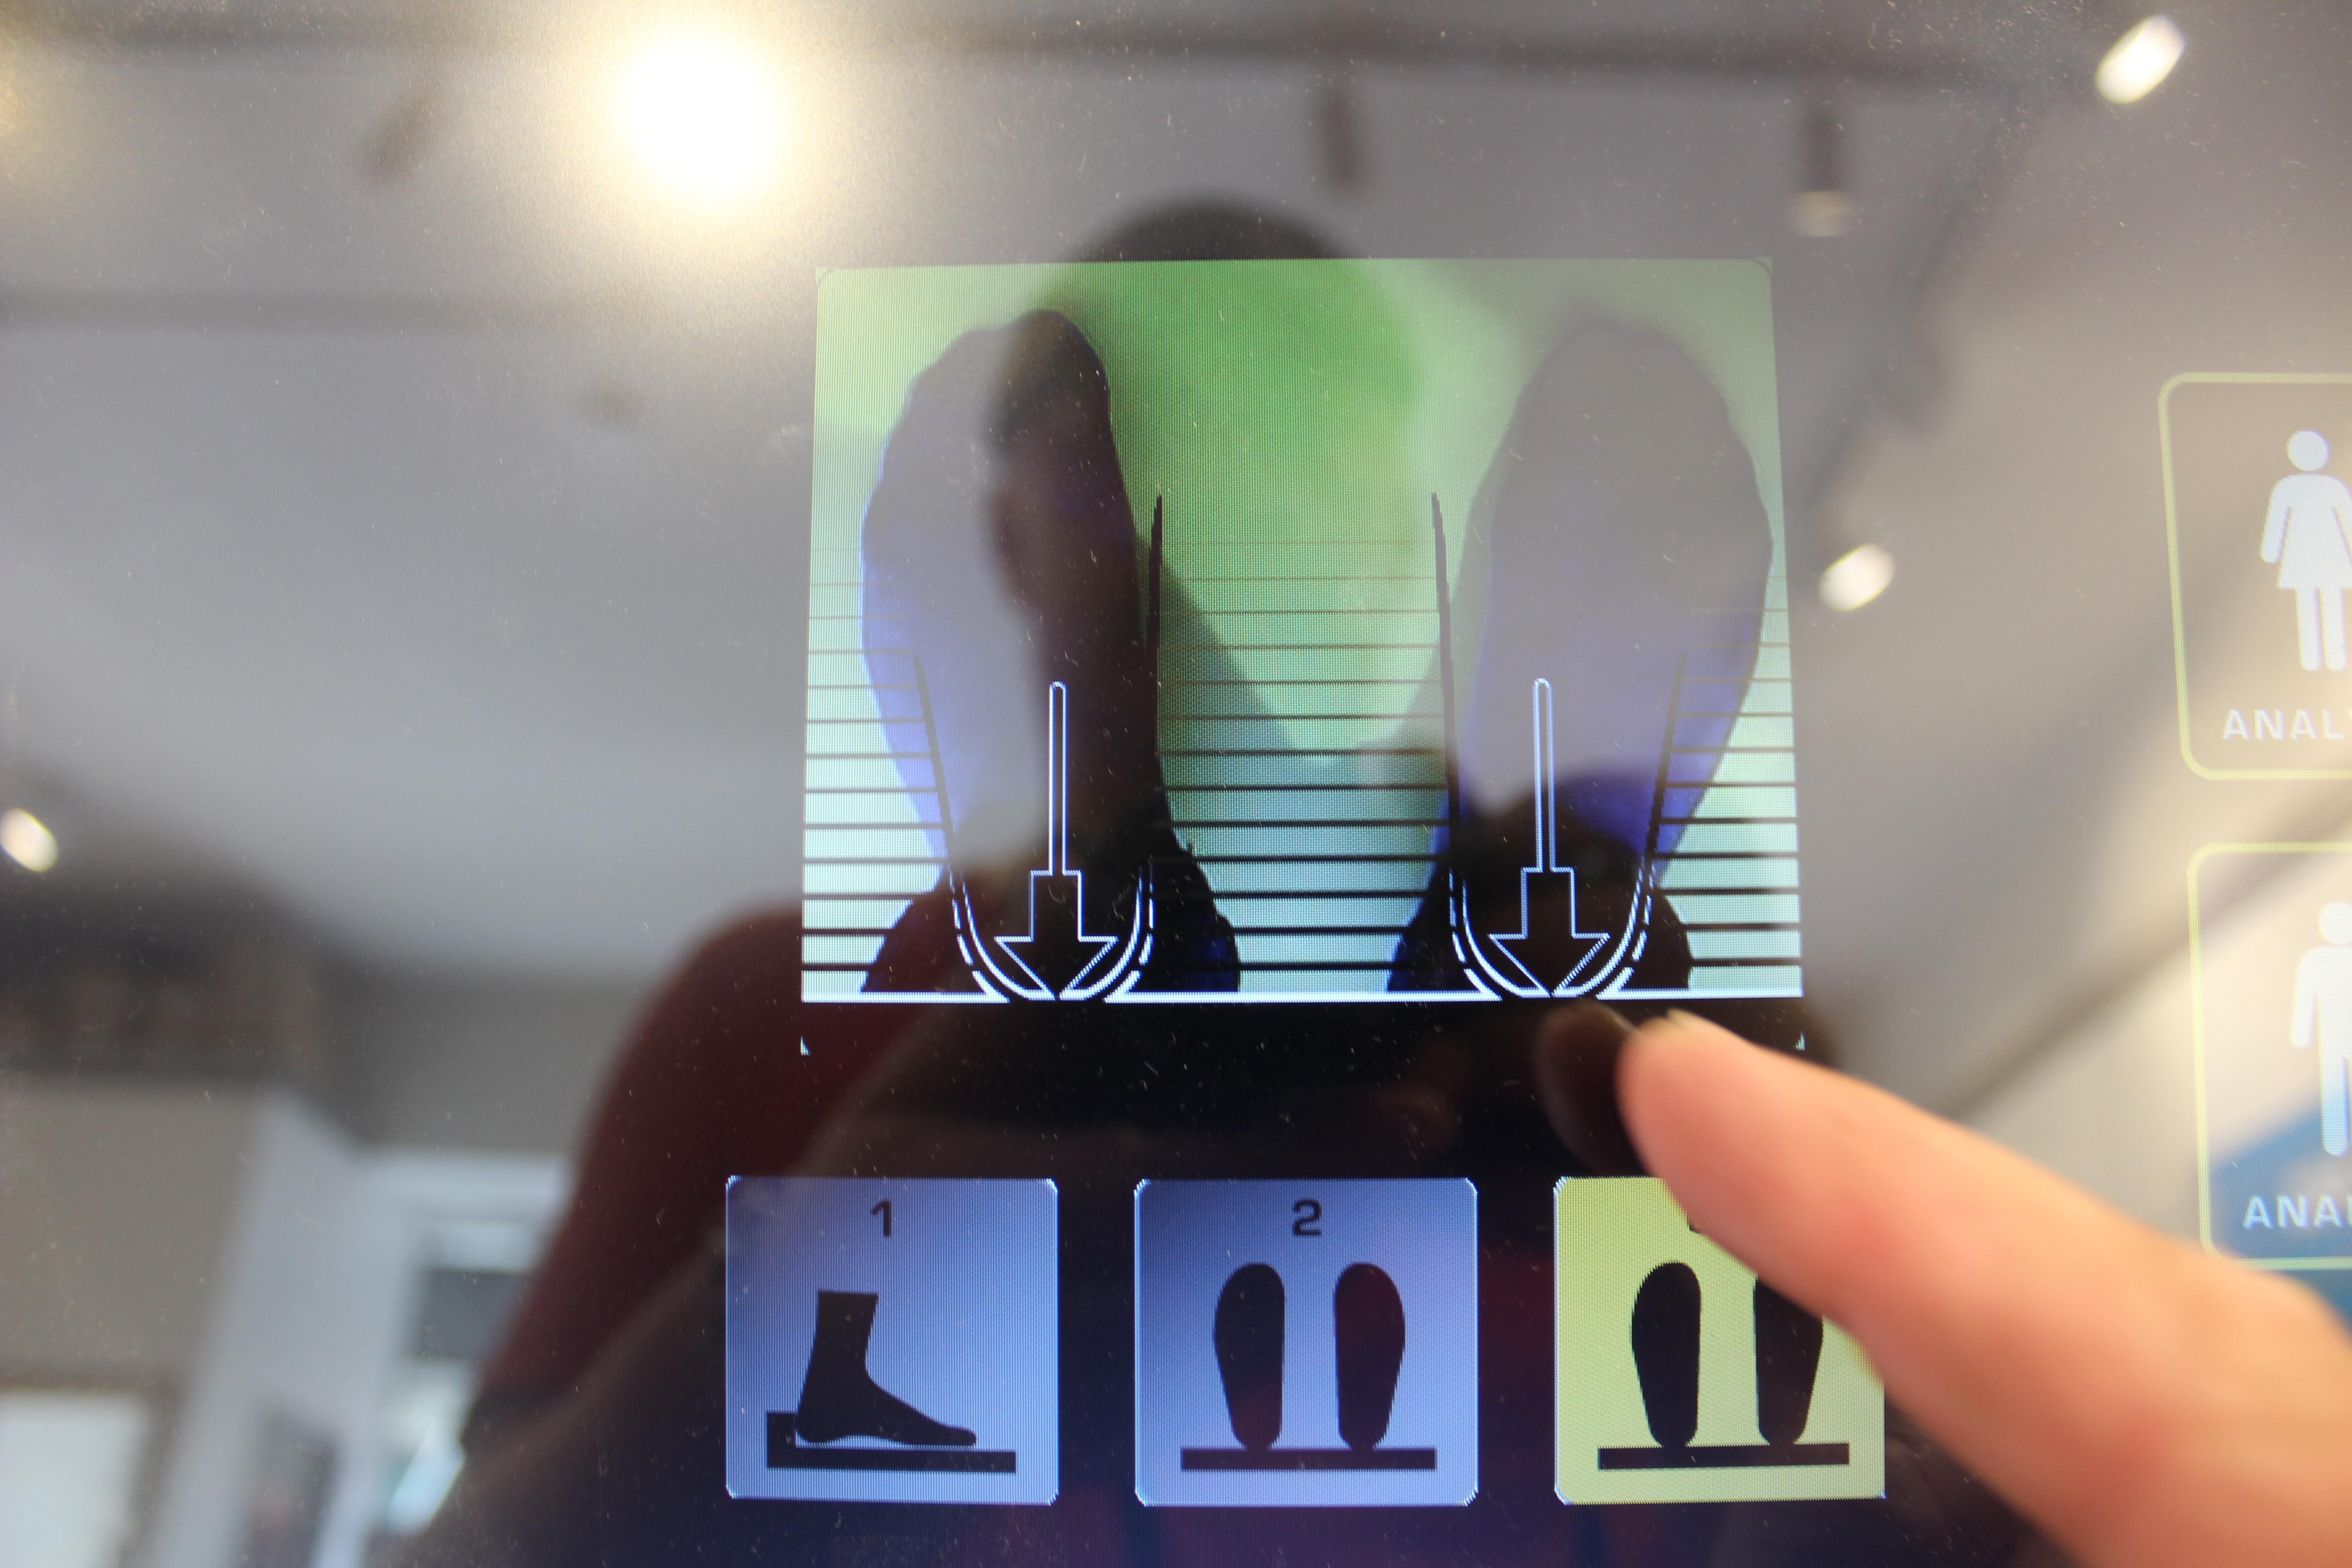 Juoksulabra ja Brandstore Korkeavuorenkatu viidessä myy juoksukenkiä ja paljasjalkakenkiä – Feetbox-laite näyttää minkälaiset kengät juuri sinulle sopivat